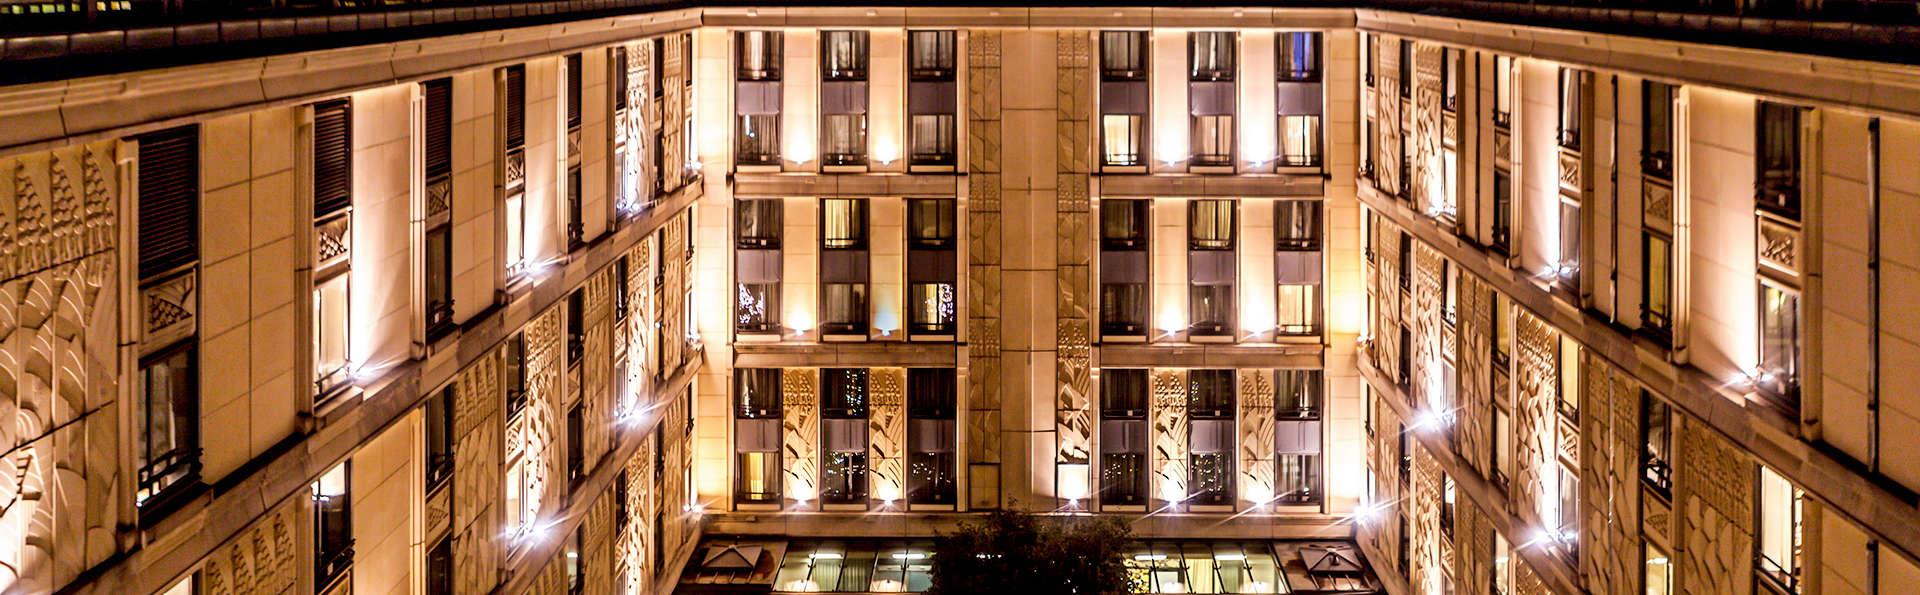 Hôtel du Collectionneur Arc de Triomphe - Edit_Yard.jpg